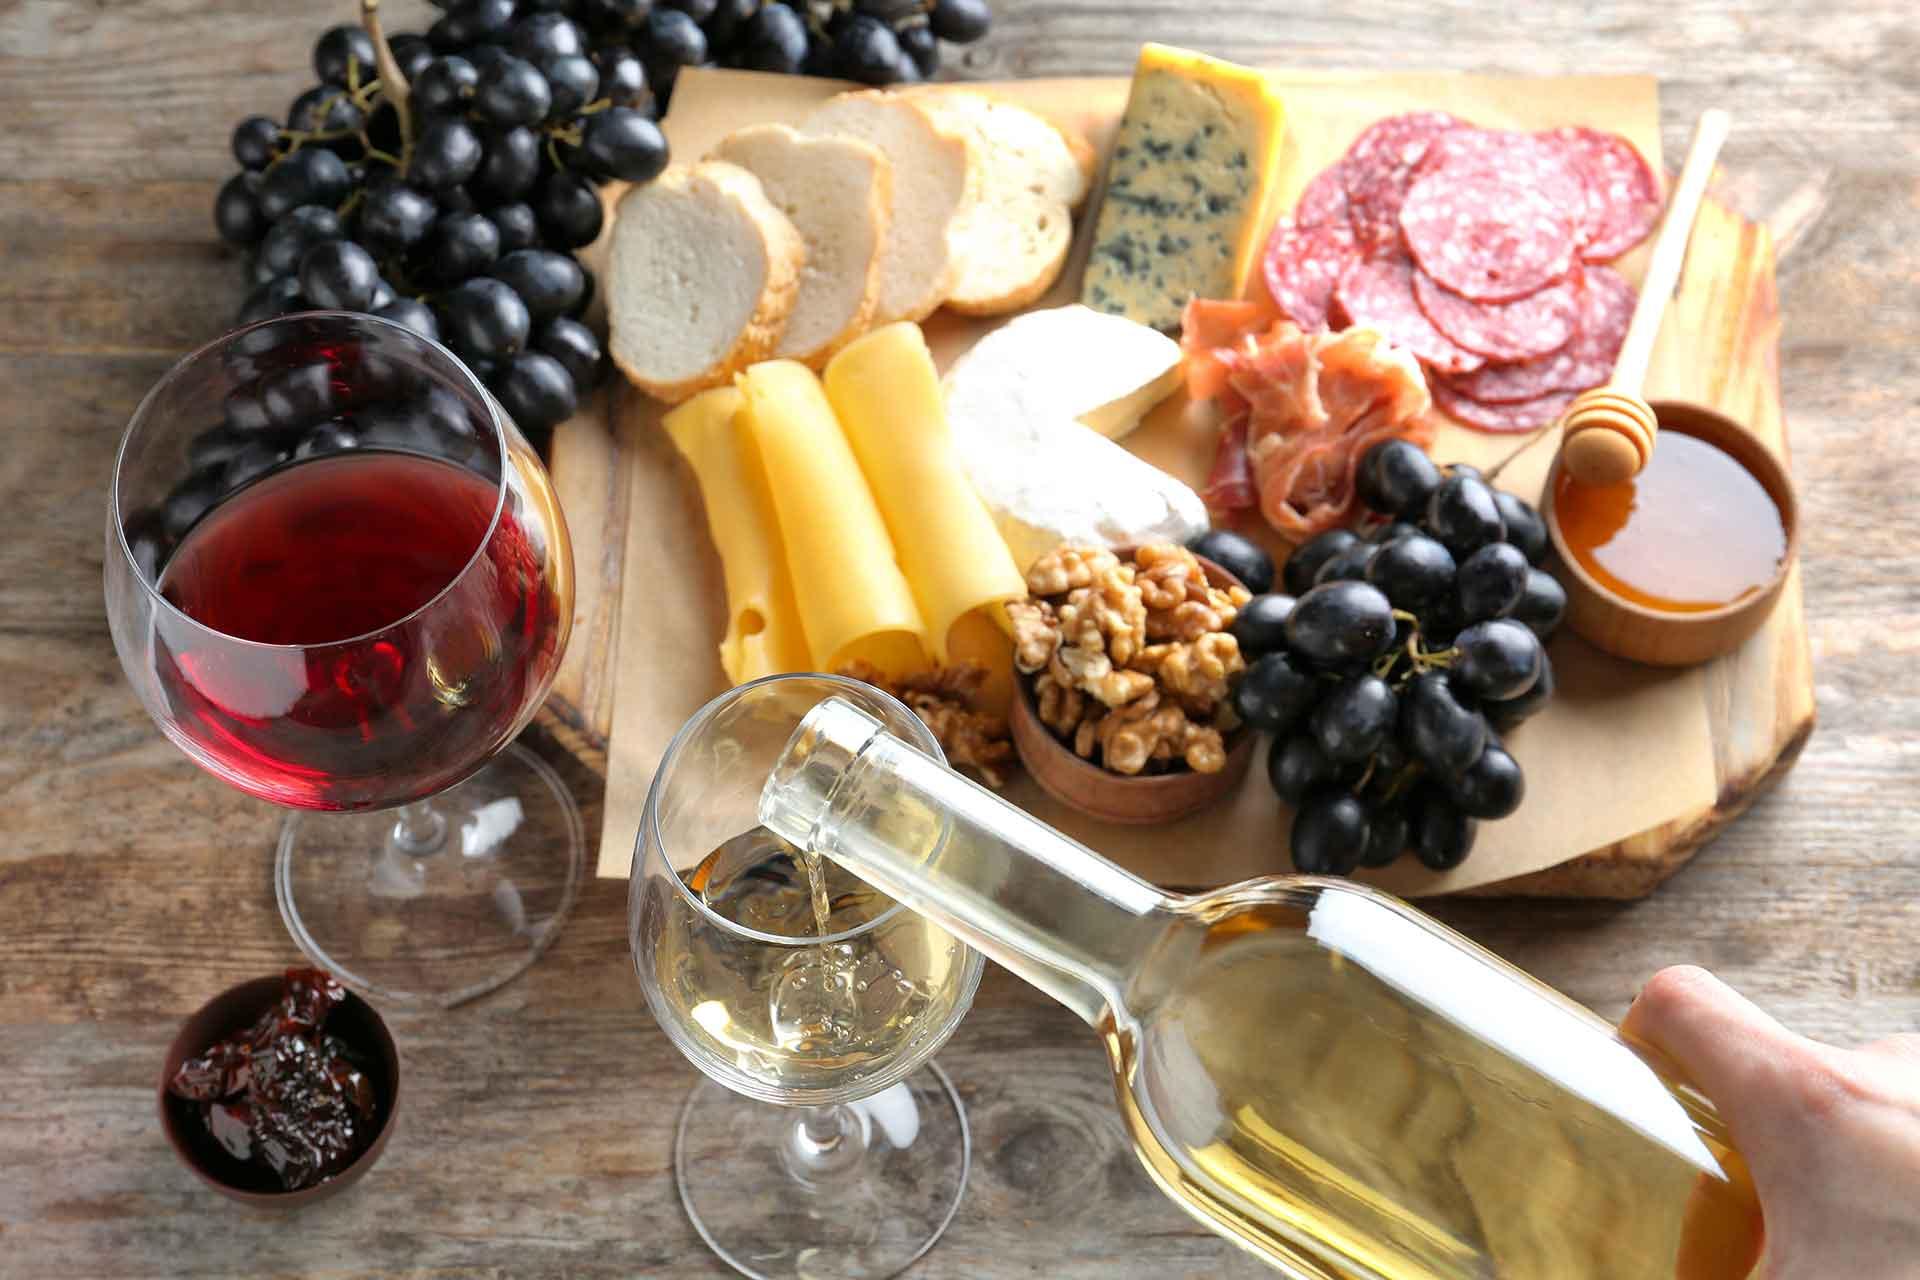 Festivales gastronómicos para darle la bienvenida al verano